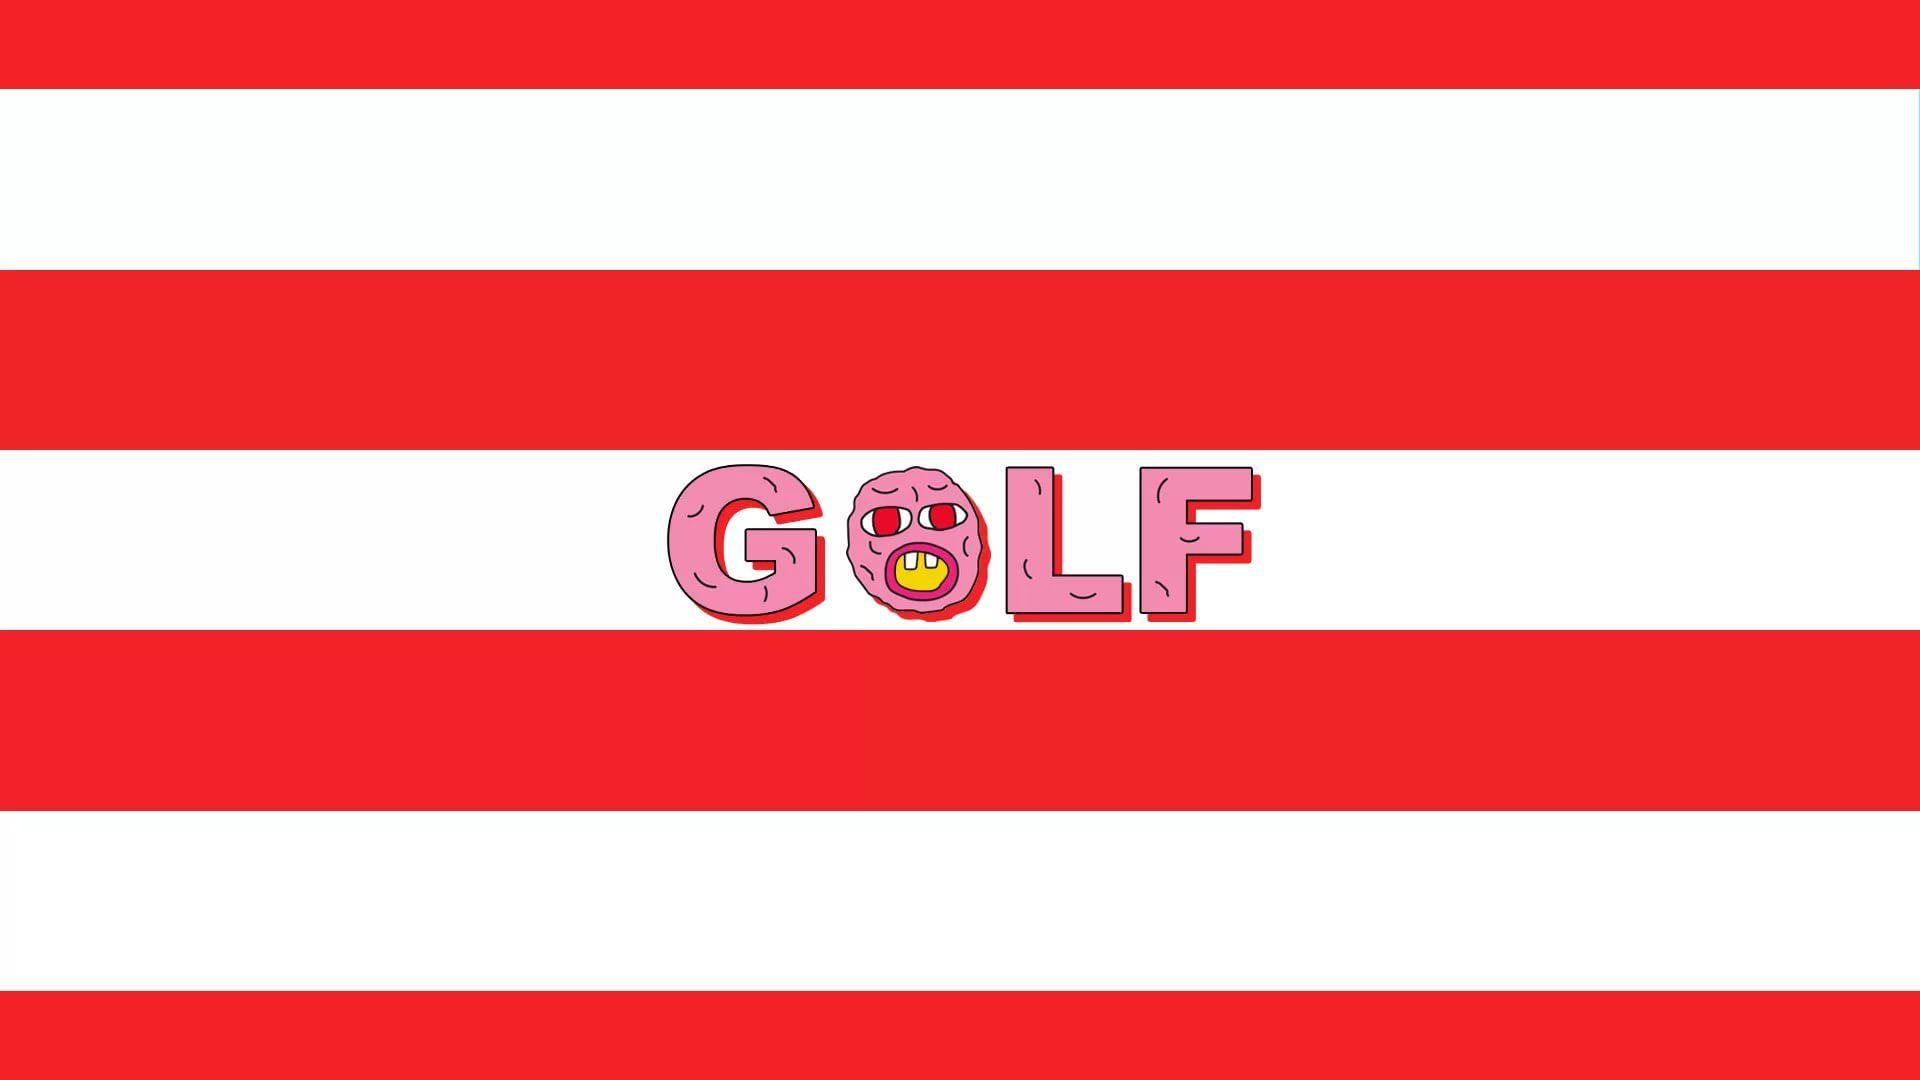 Golf Wang new wallpaper